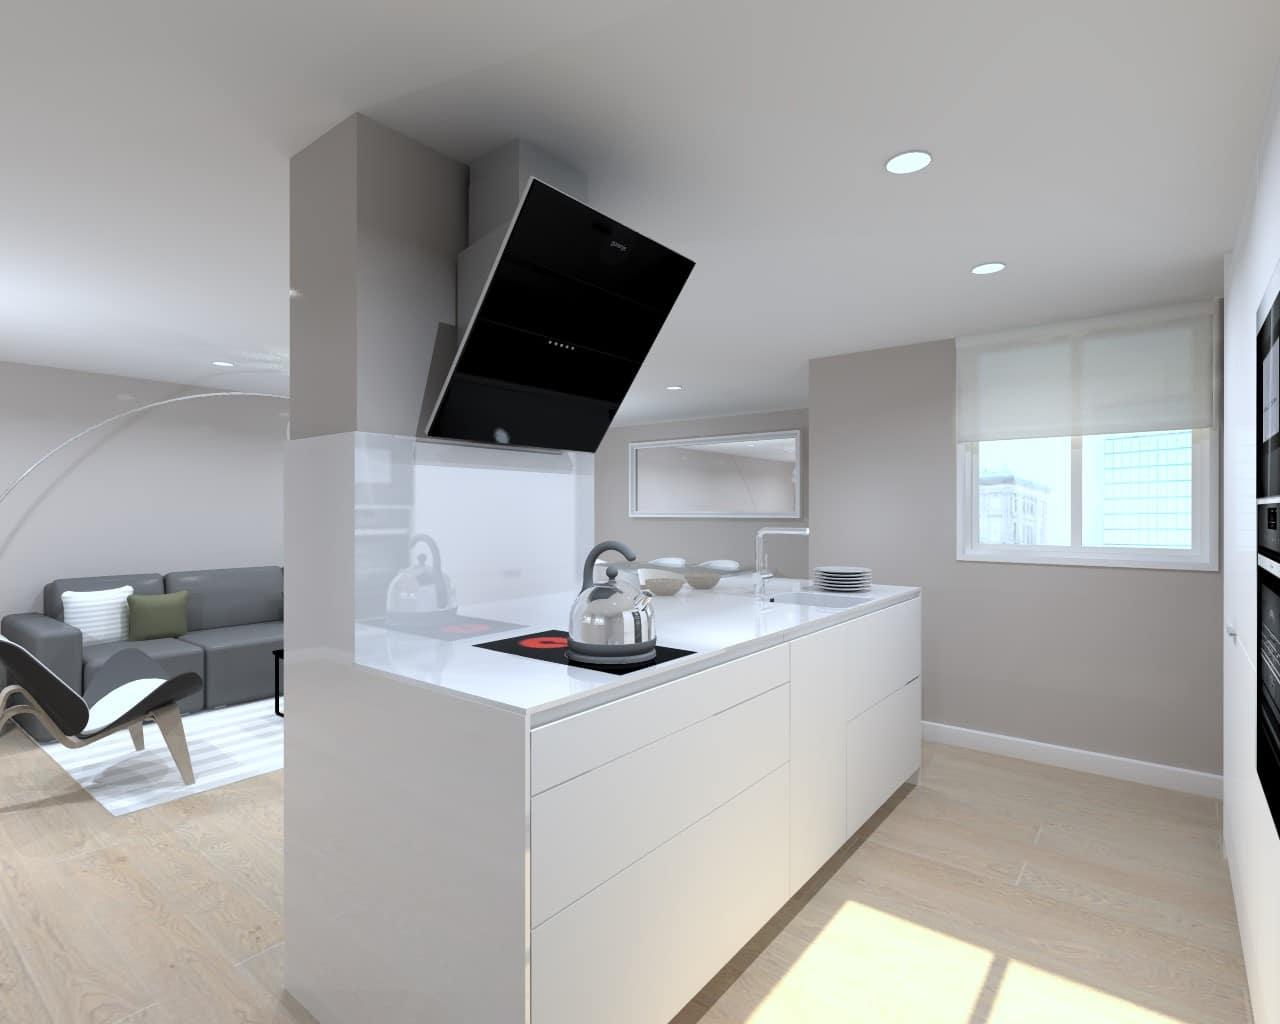 Cocina blanca vers til y funcional estudio cocinas dc for Cocinas en color blanco